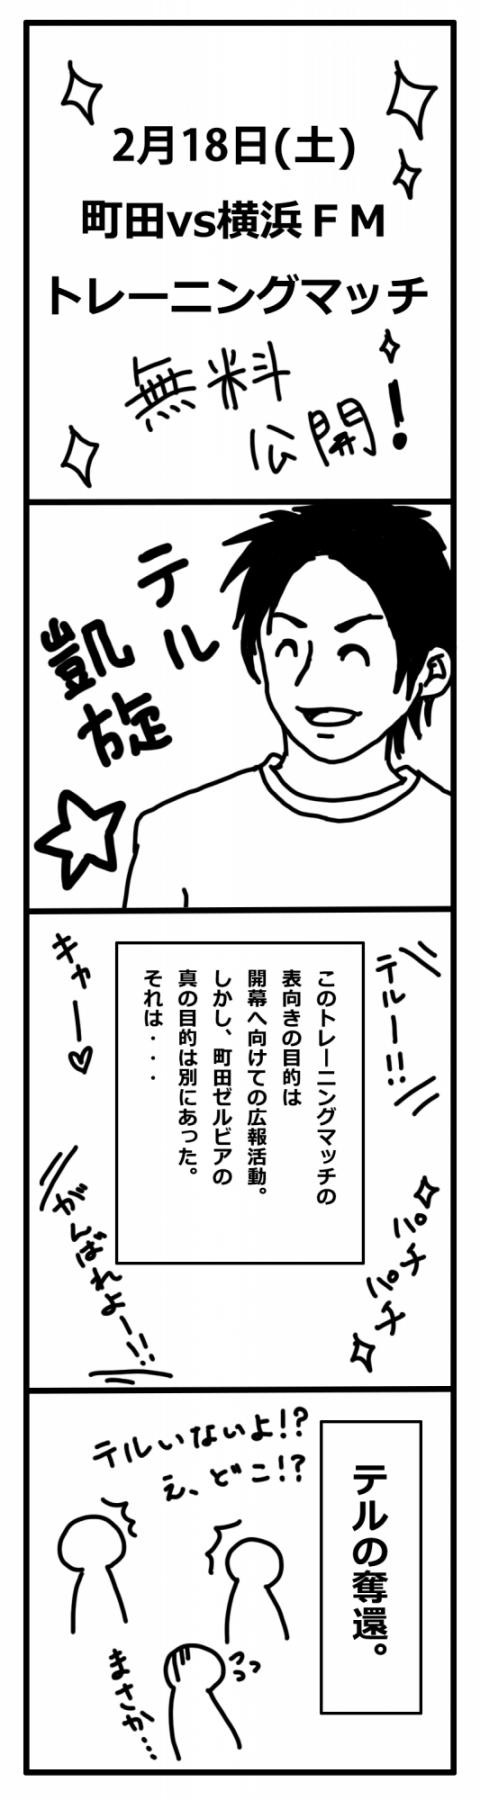 町田ゼルビアとのトレーニングマッチ